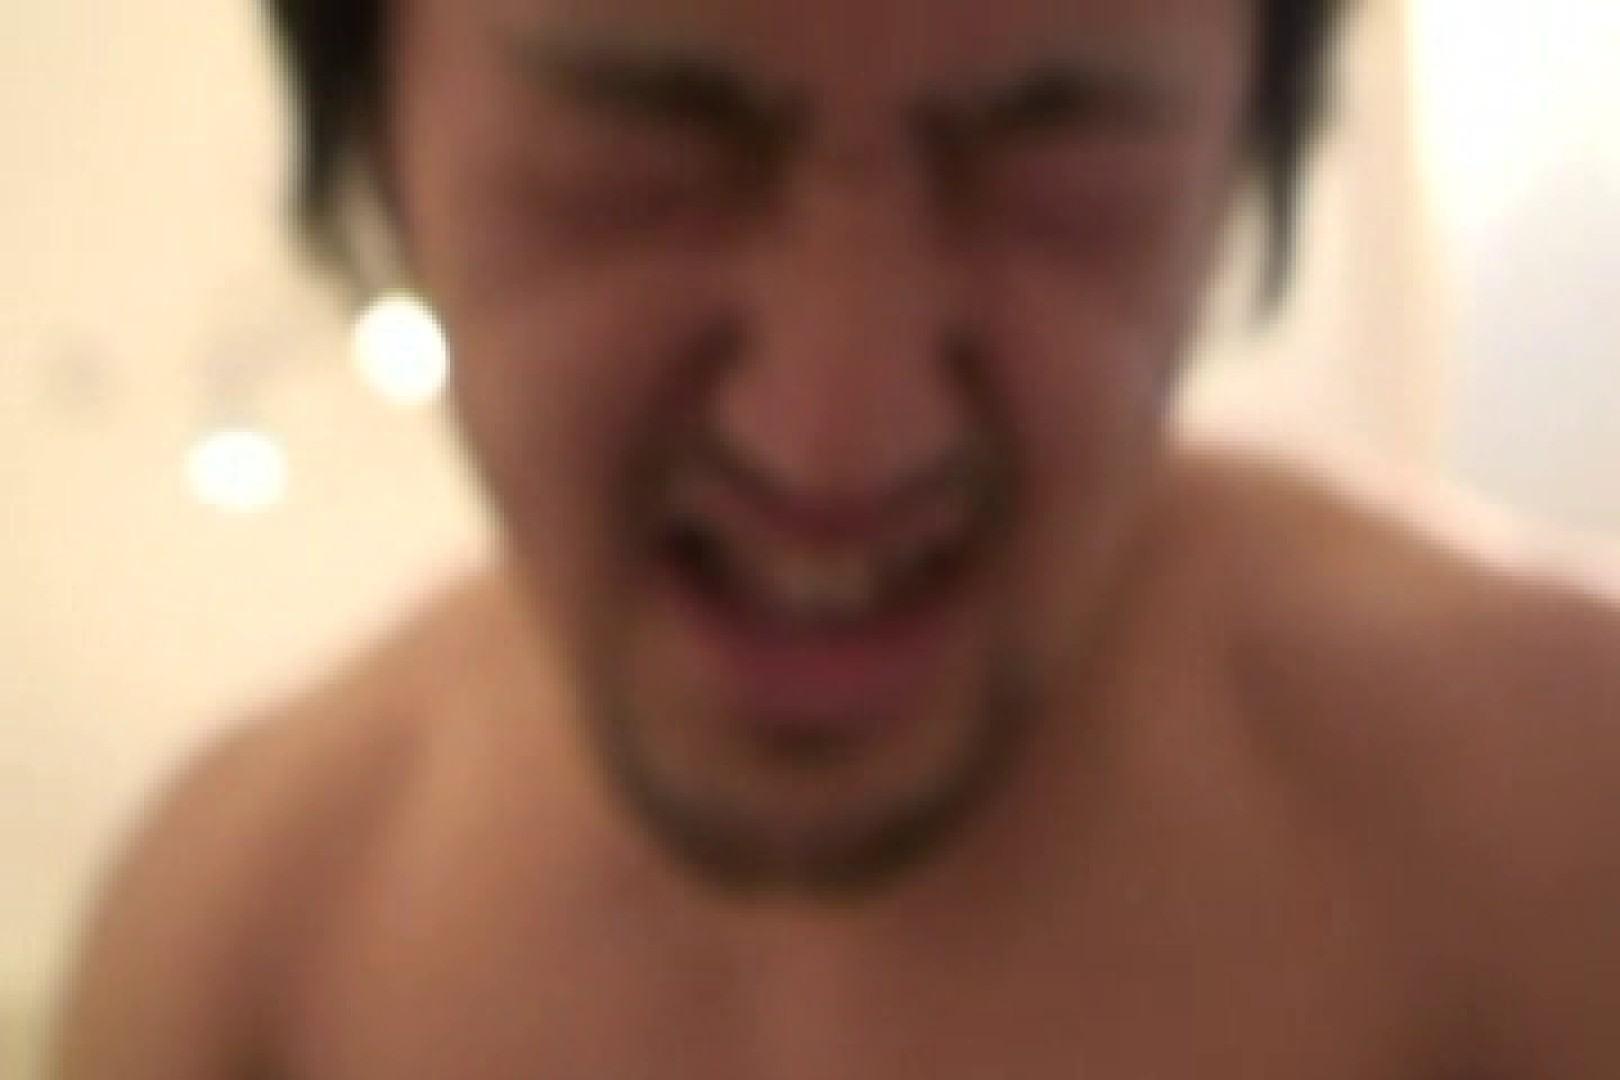 ひげメンたちのディープラブ!!コックリングでアナル三昧 フェラ最高 | イケメン ゲイ素人エロ画像 9連発 8